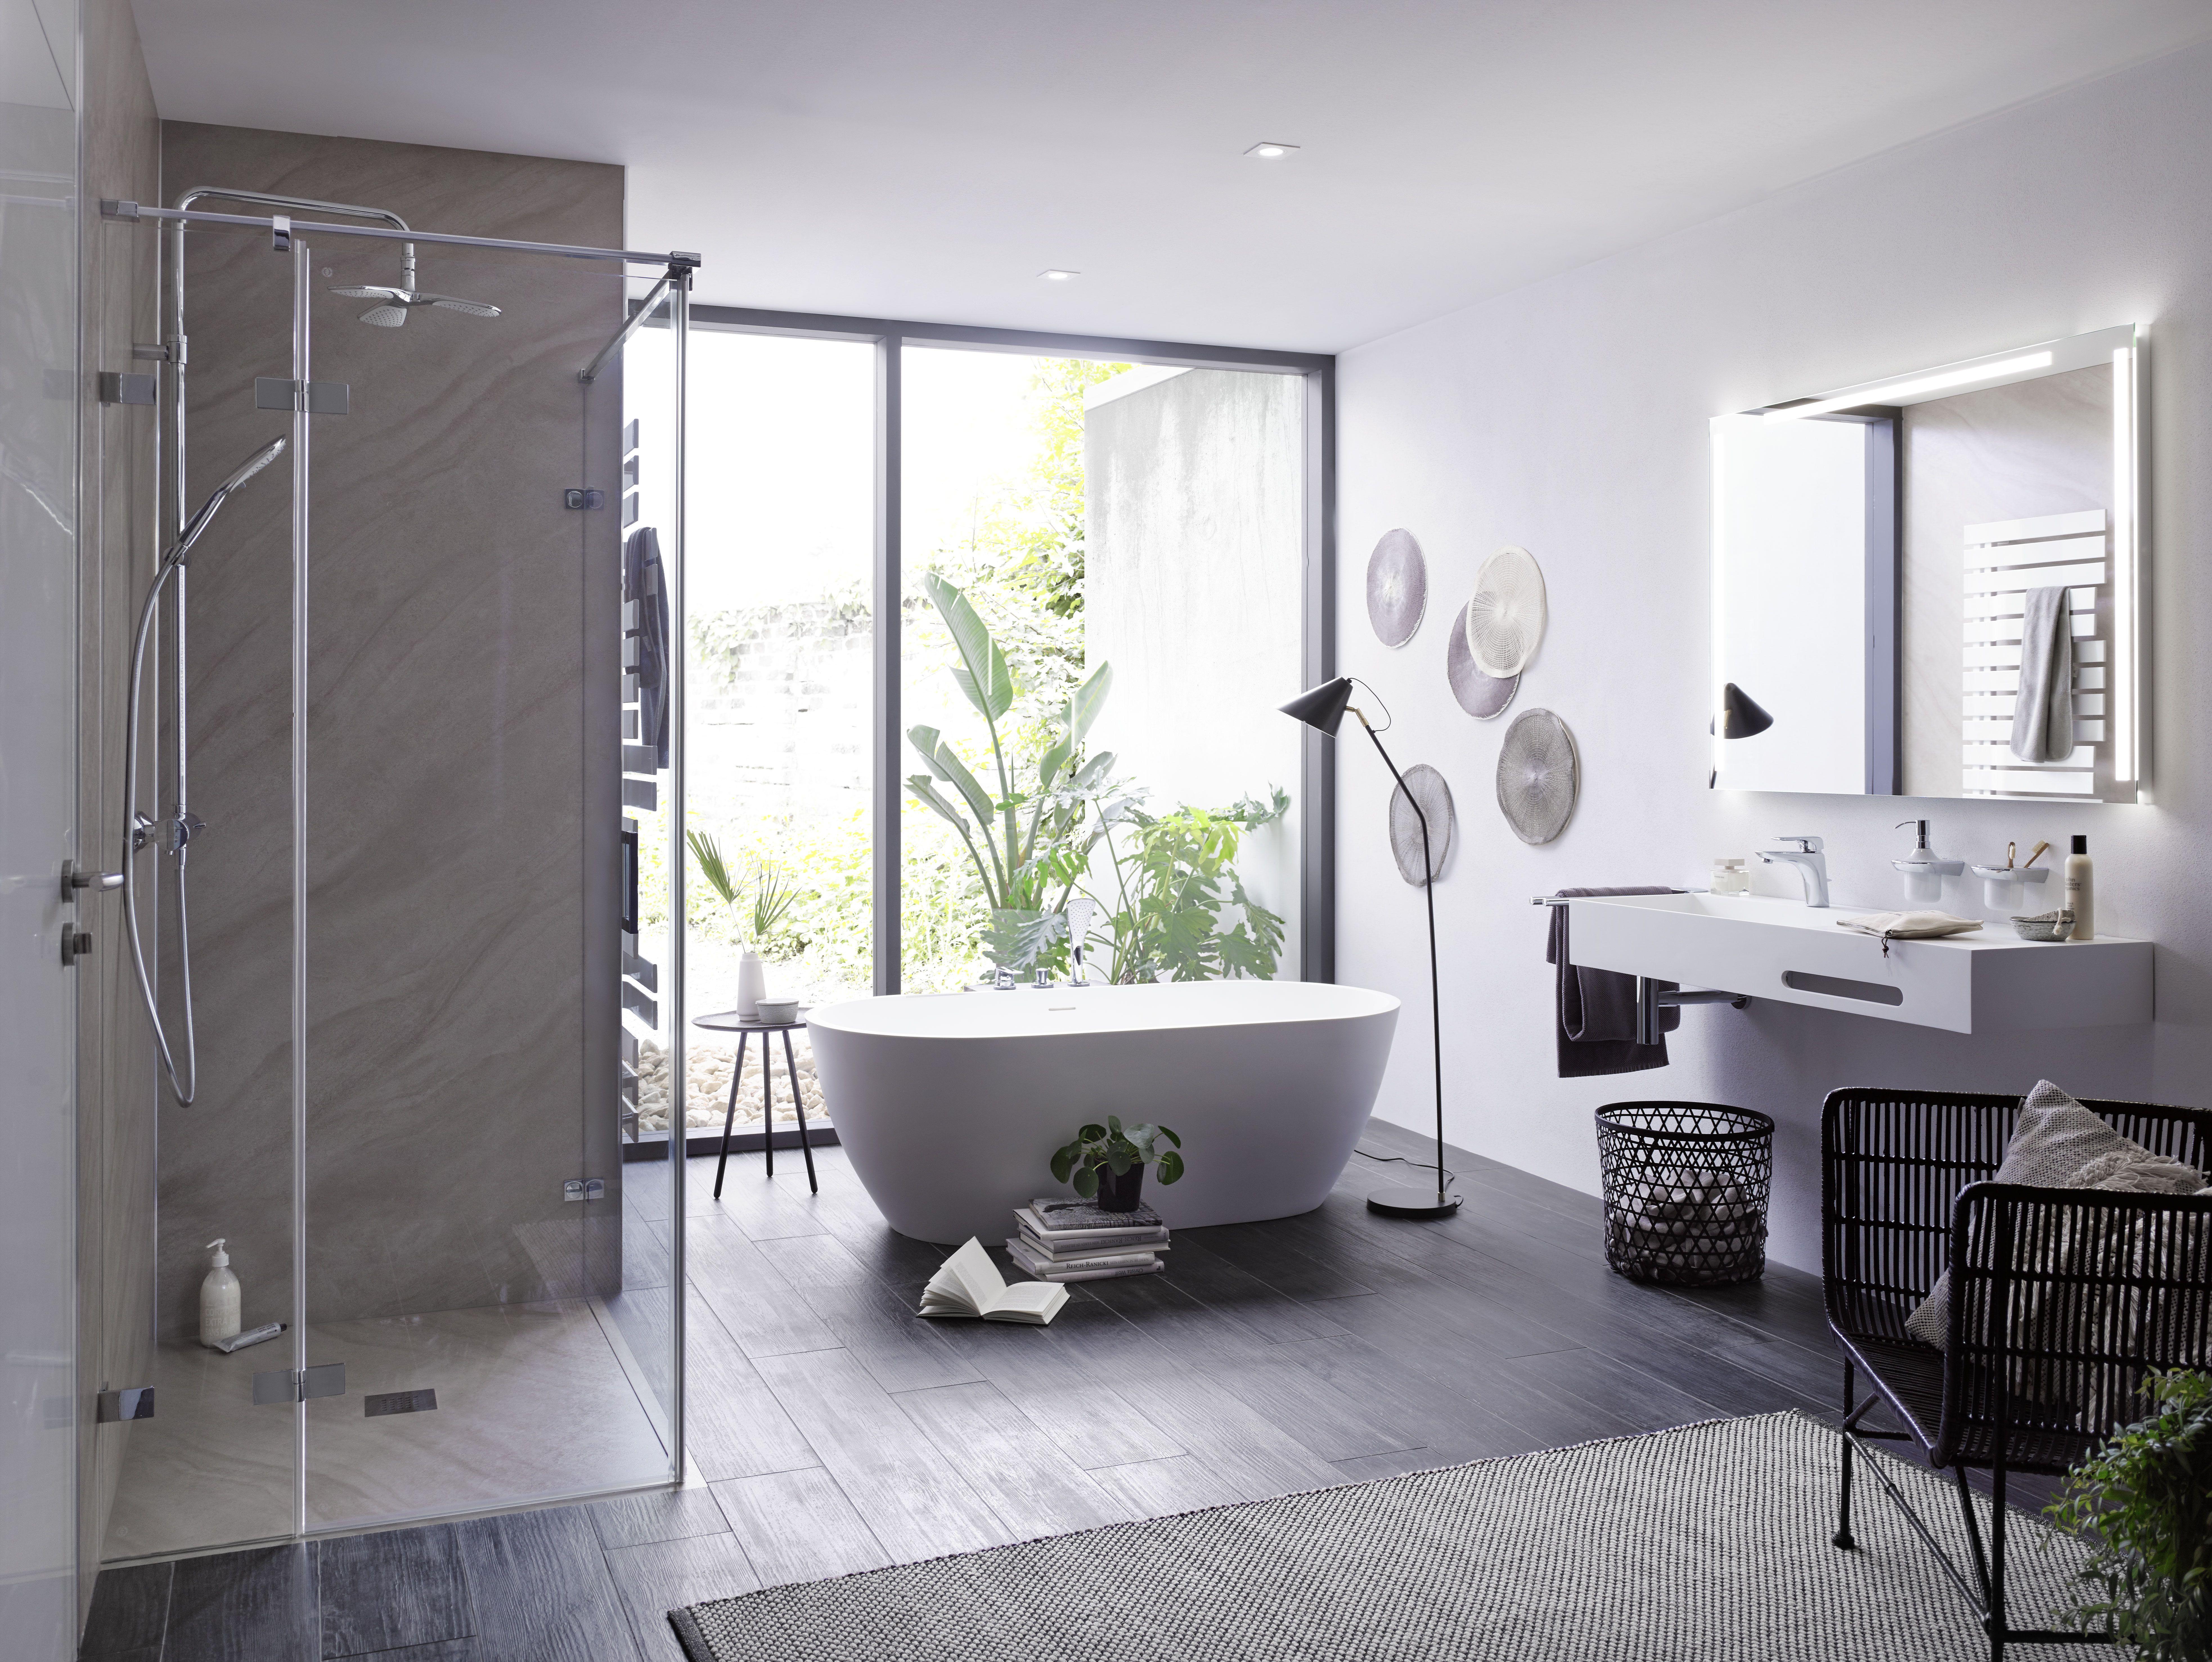 Moderne Len Günstig unsere freistehende mineralguss badewanne in einem wunderschönen